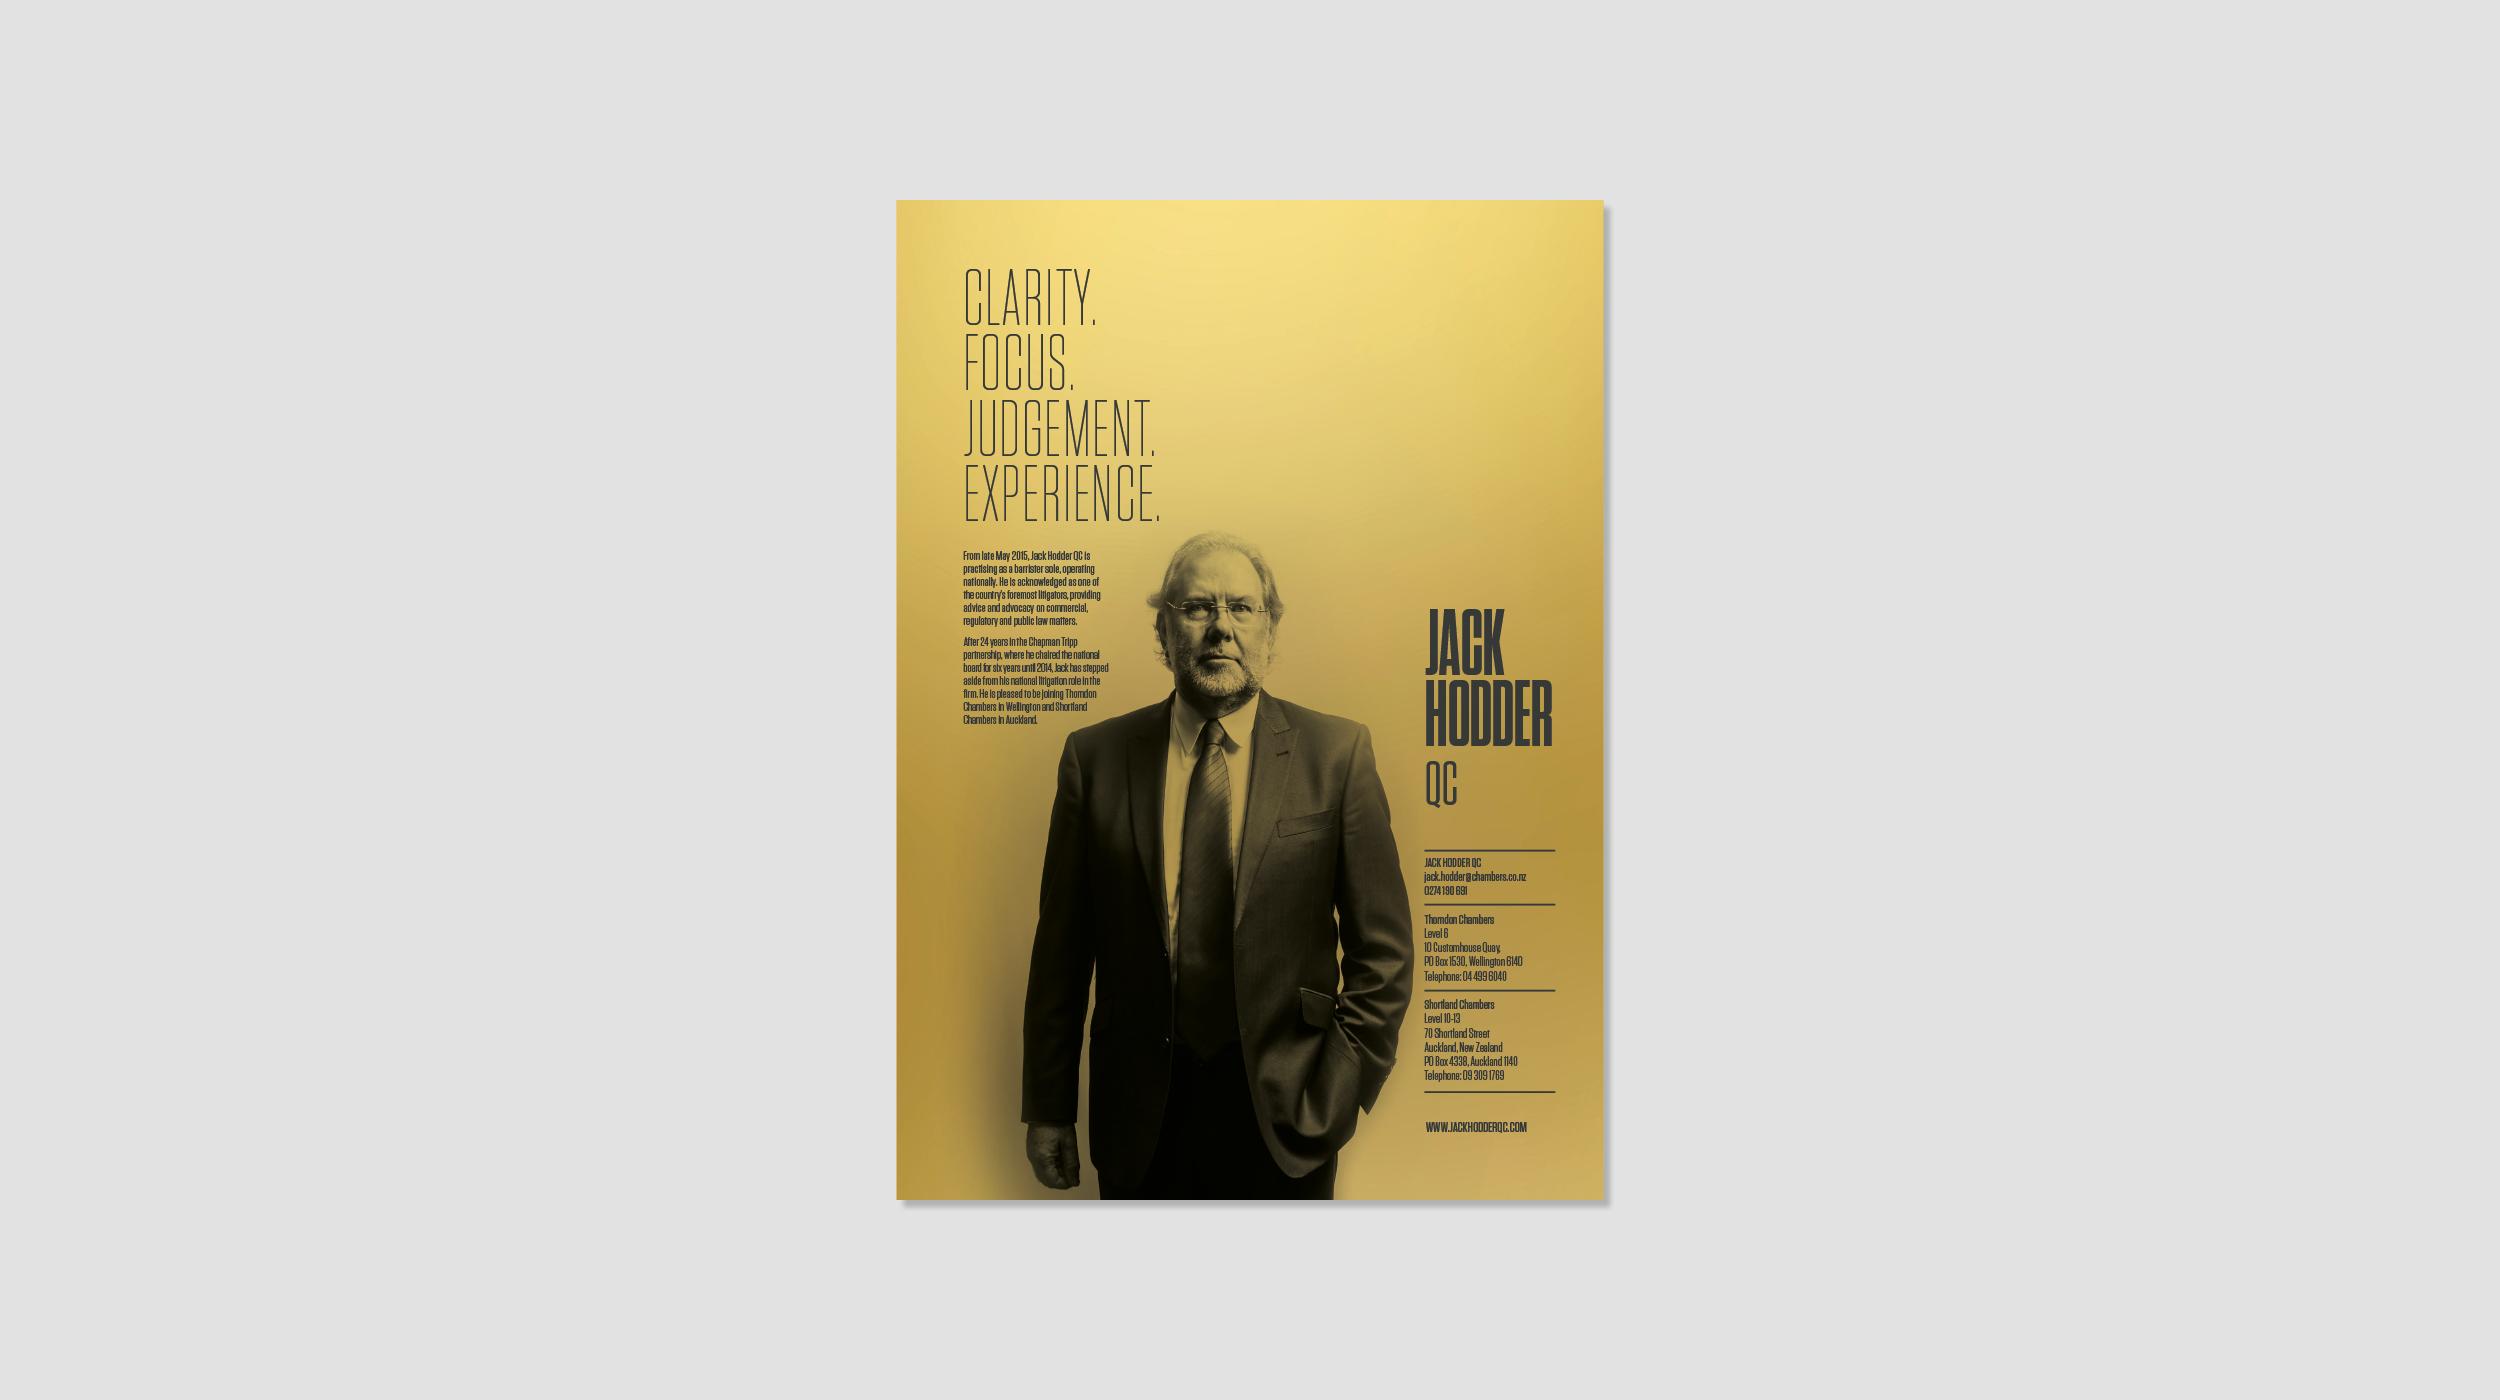 Jack Hodder Case Study Images_20184.jpg